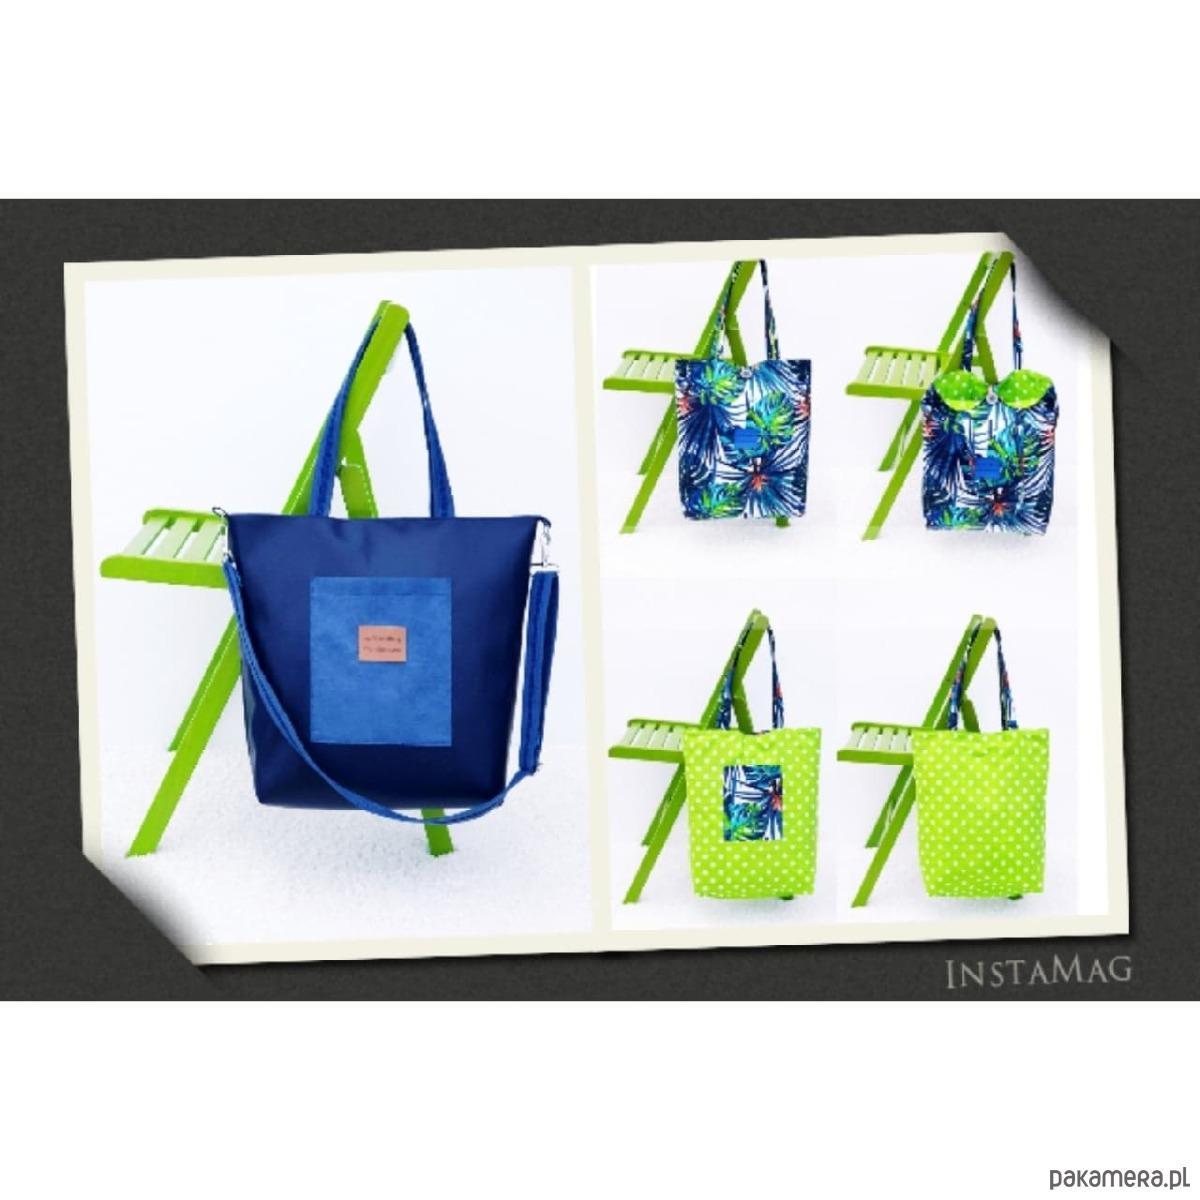 1a6745dbacaa8 torby na ramię - damskie-Granatowa torebka Anatola i torba bawełniana